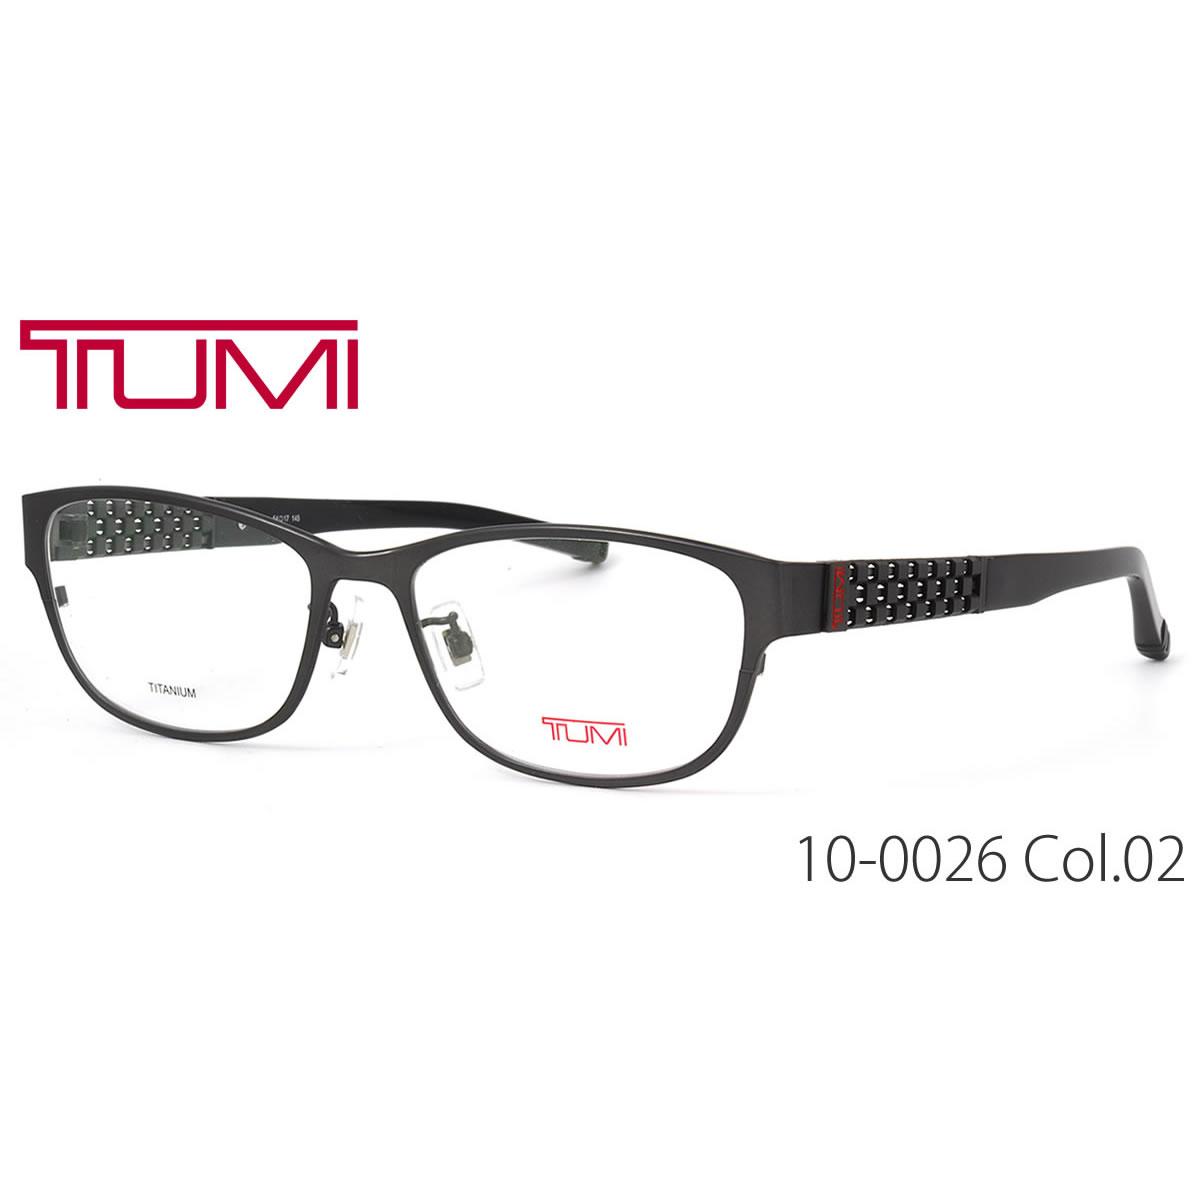 ポイント最大42倍!!お得なクーポンも !! トゥミ メガネ 10-0026 02 54サイズ TUMI ビジネスバッグで人気のブランド メンズ